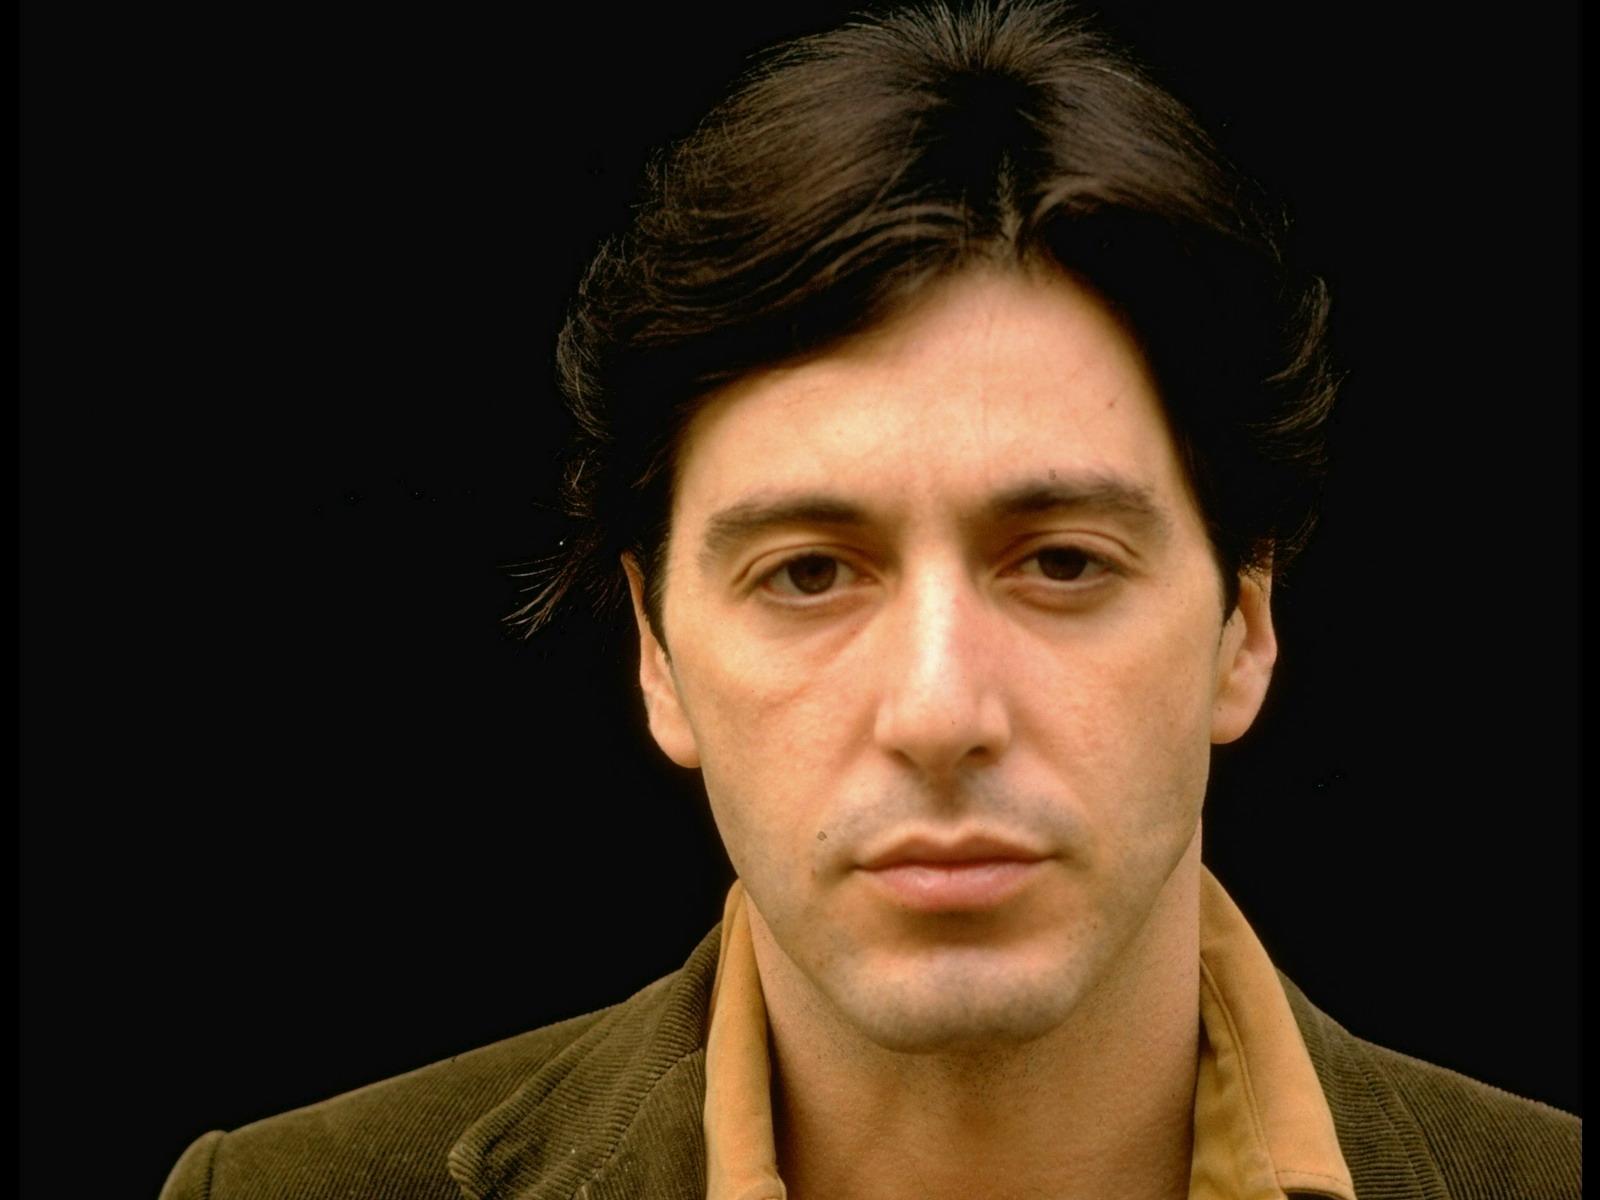 Al Pacino Close Up - HD Wallpaper